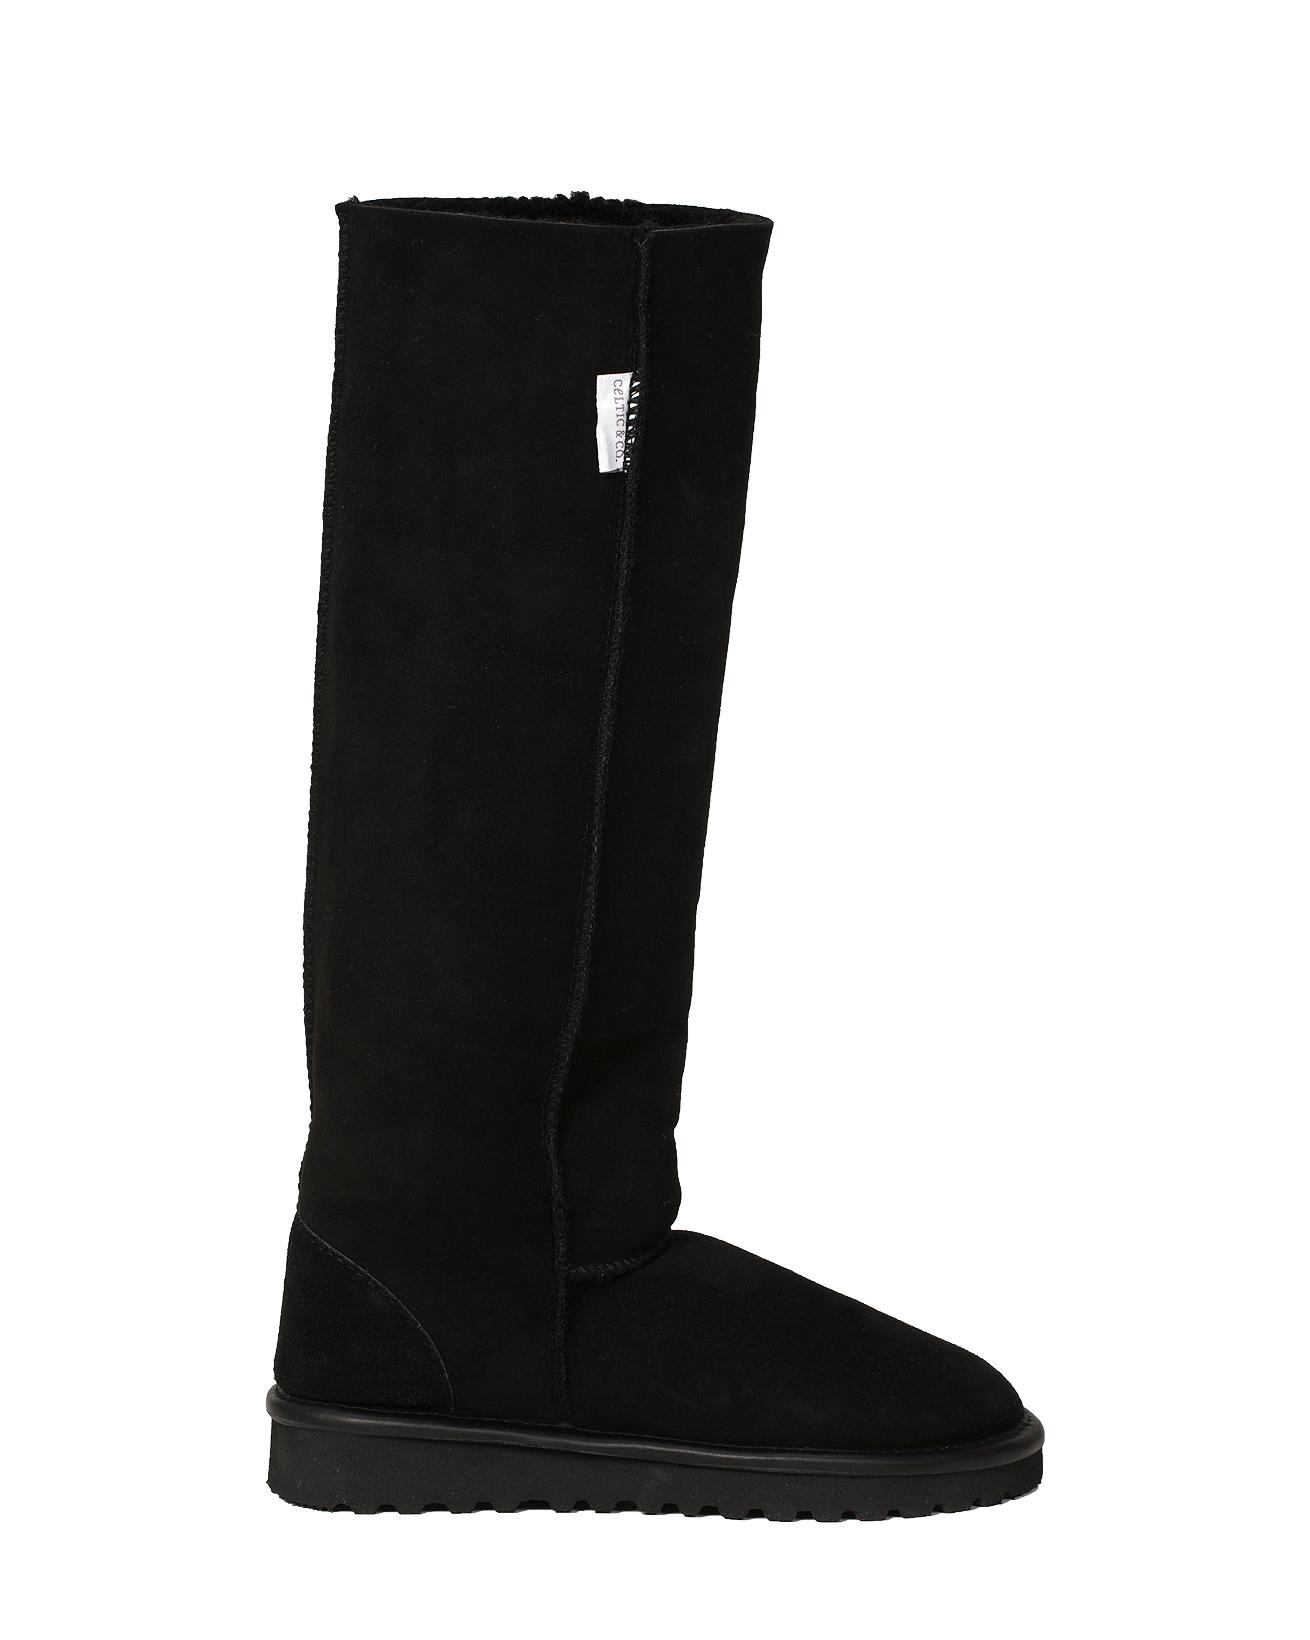 ... 6604_celt knee boot_black_side.jpg ...